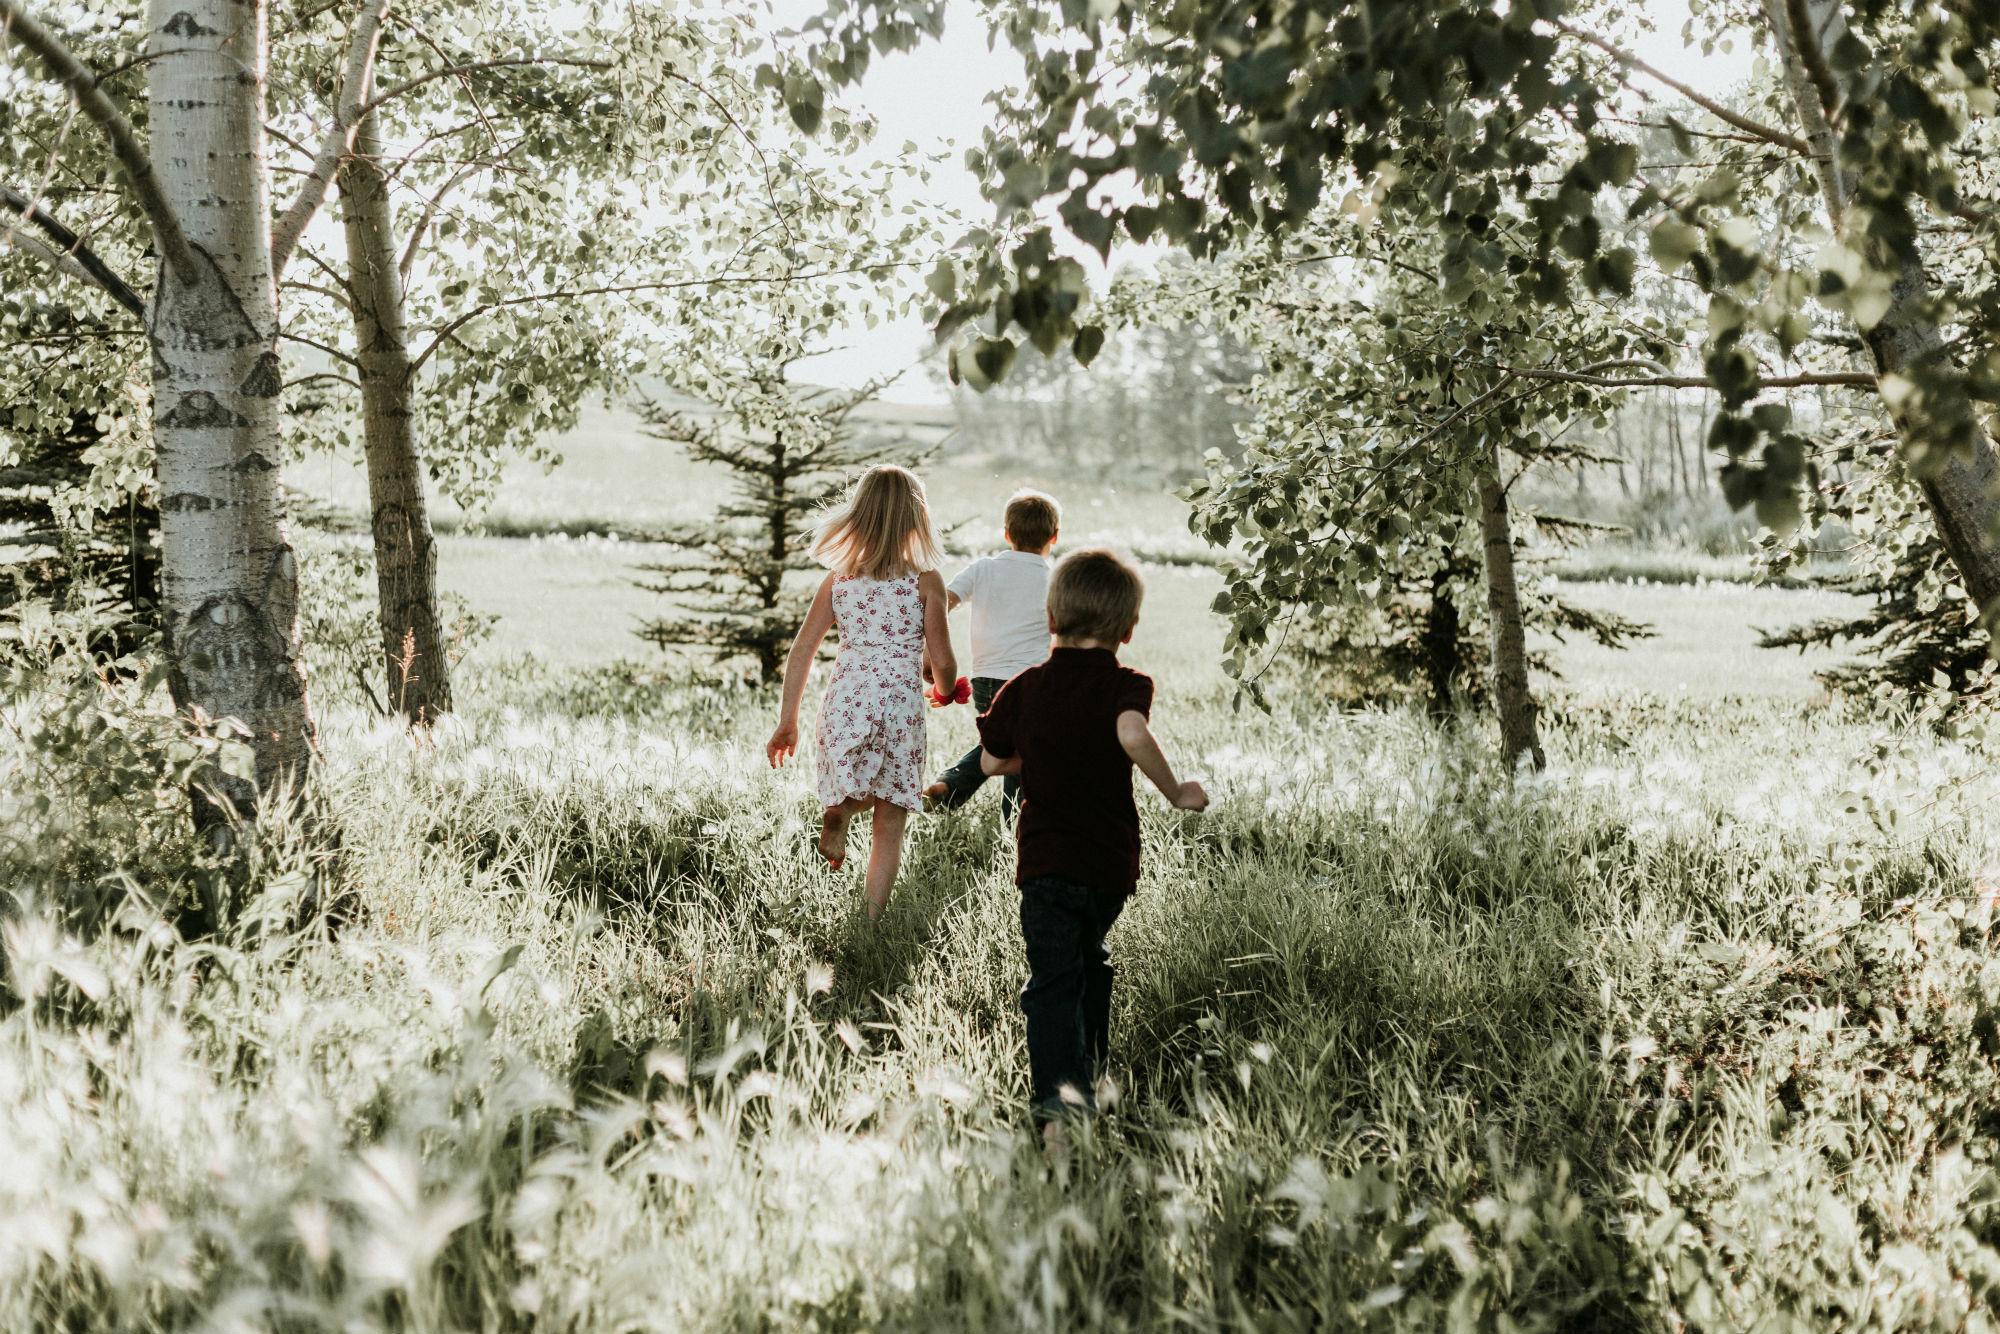 Un estudi mesura si les activitats escolars a l'exterior poden prevenir la miopia